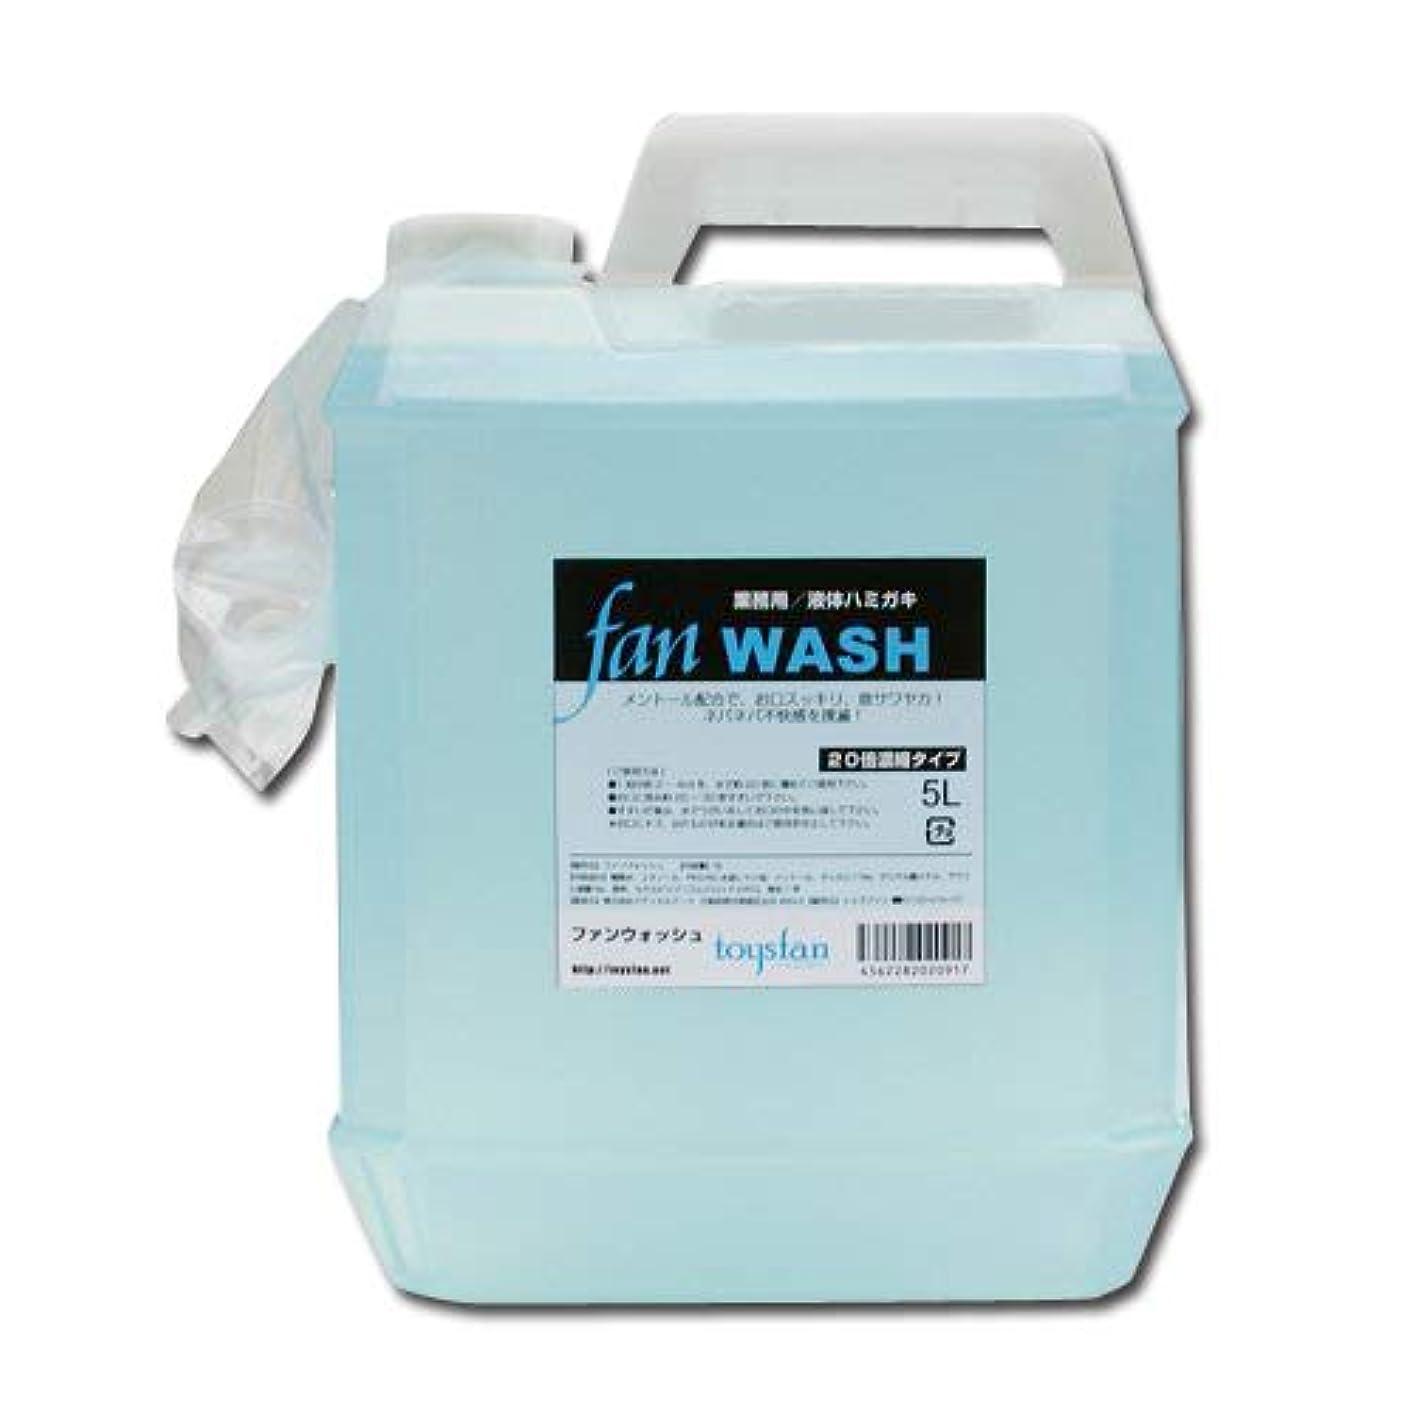 敬の念アジャ頑固なファンウォッシュ 5L(20倍濃縮)業務用液体ハミガキ FAN WASHメントール配合│液体歯磨き大容量!うがい液